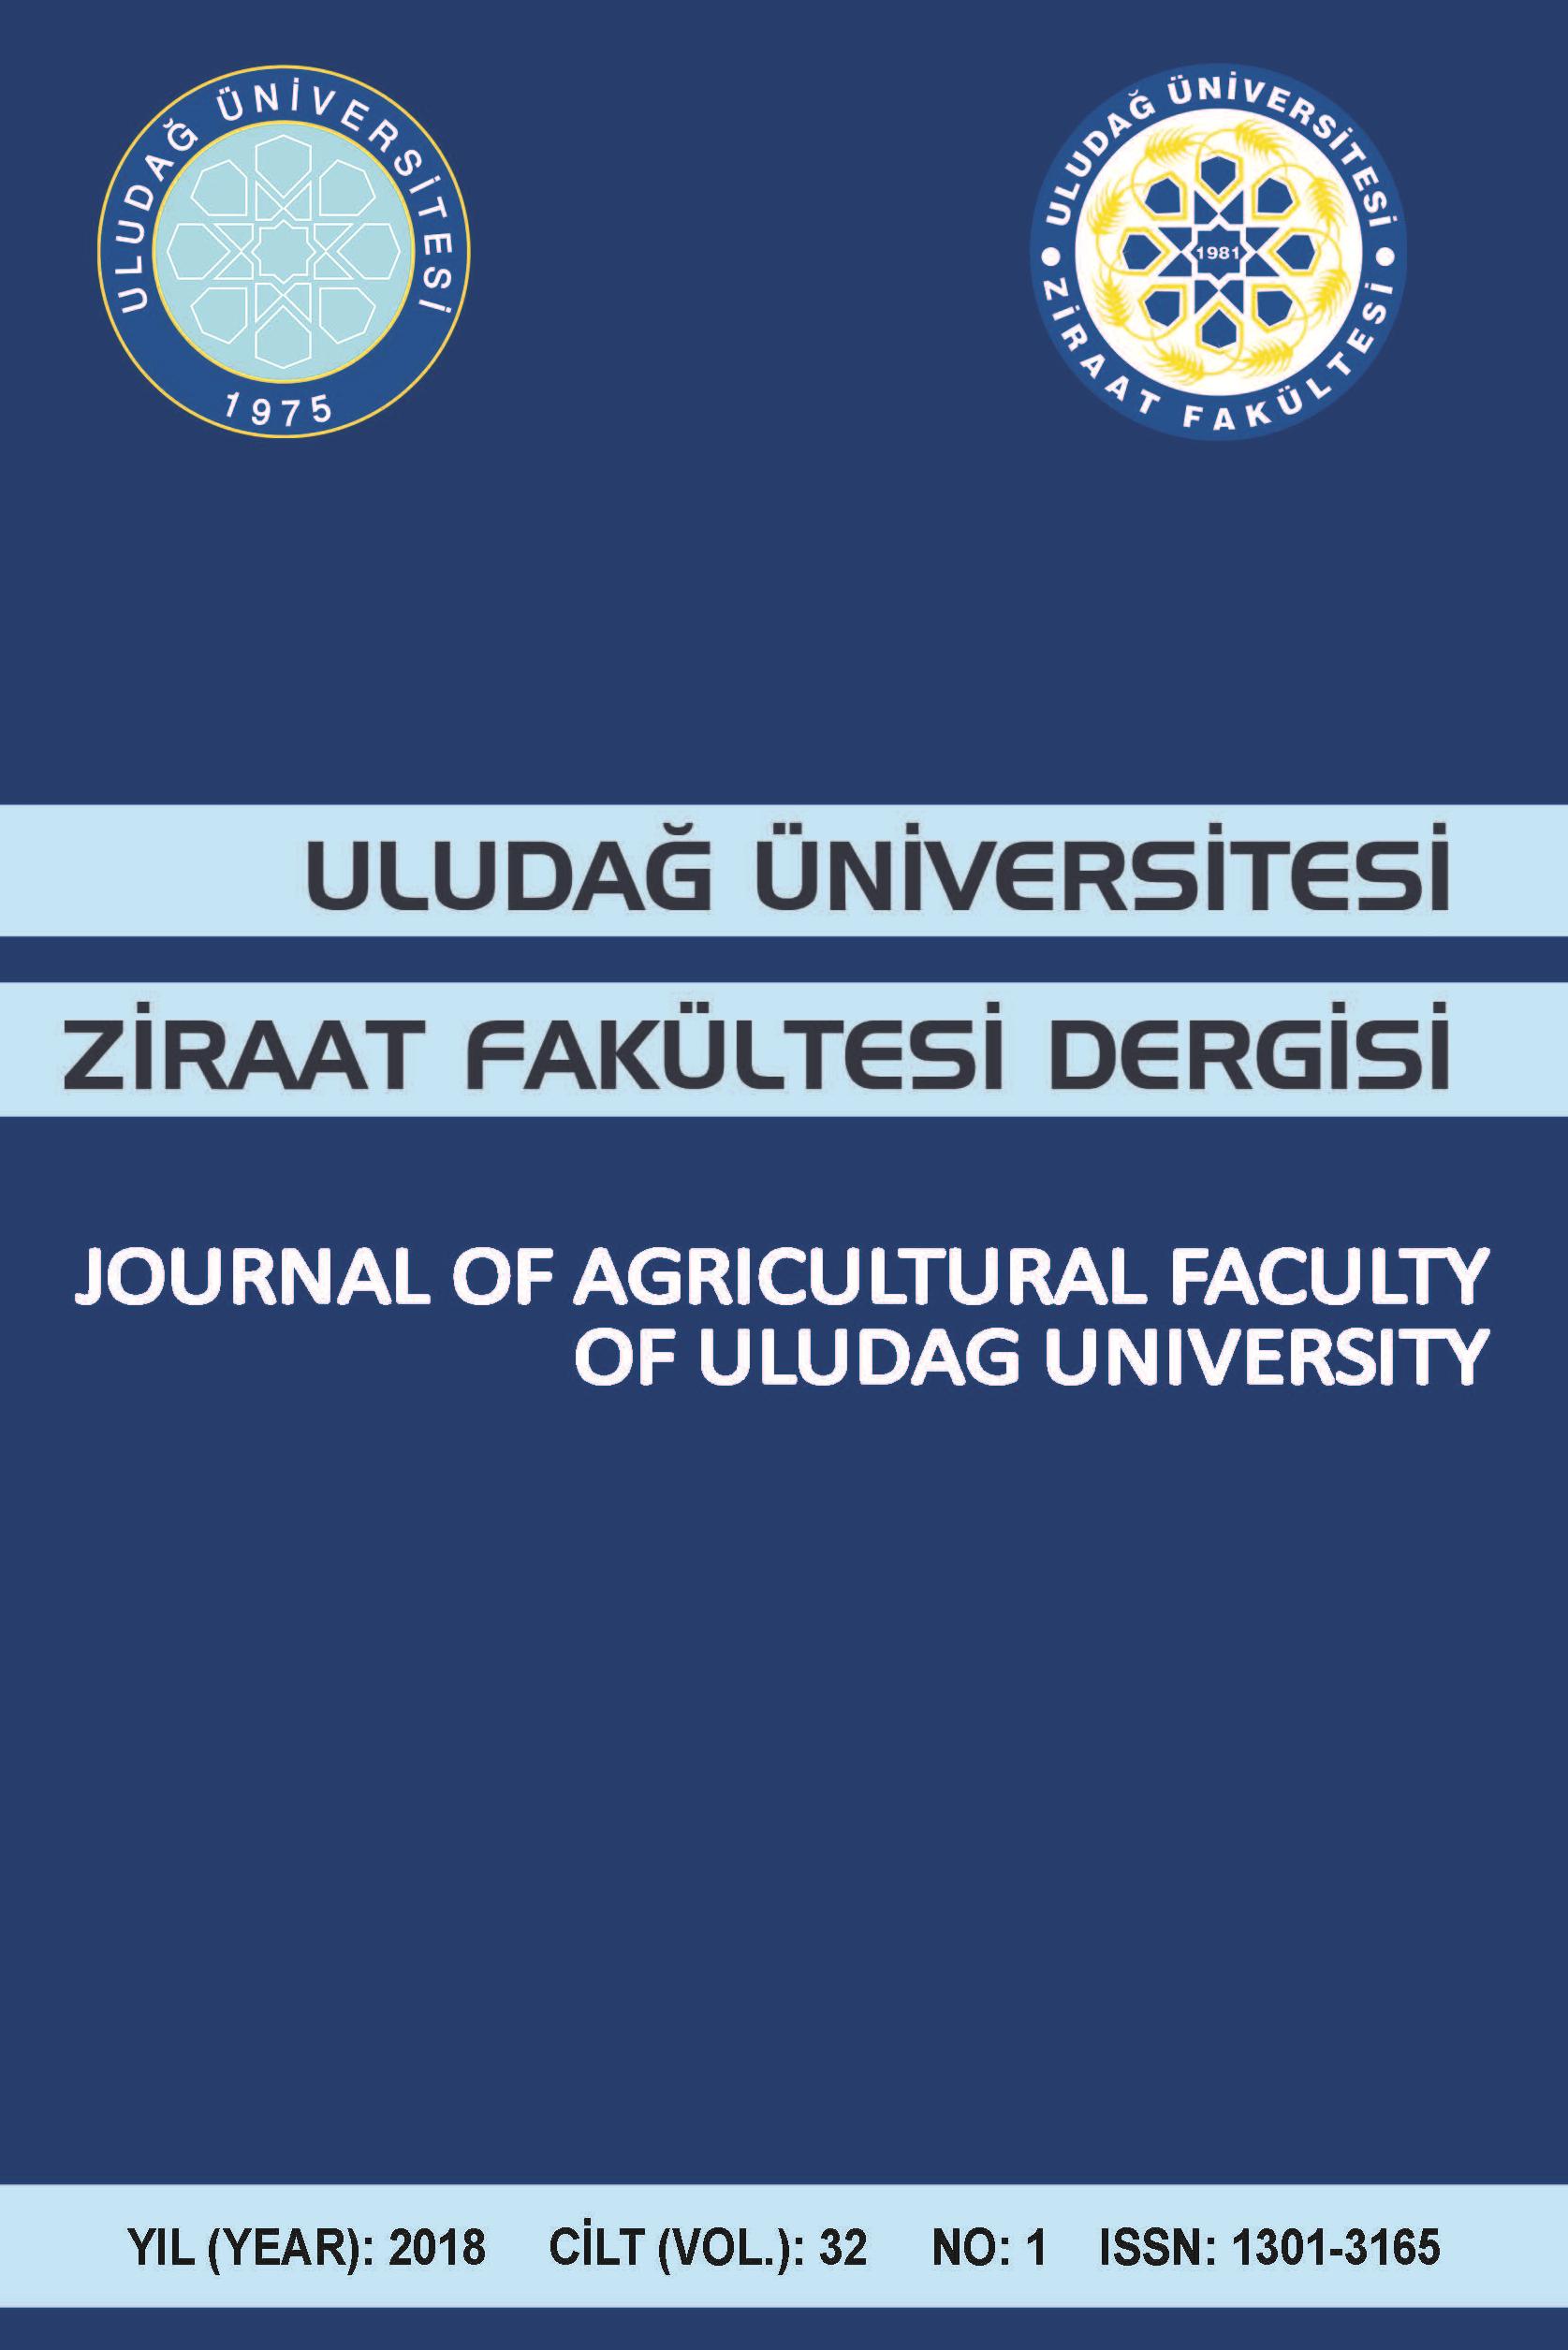 Uludağ Üniversitesi Ziraat Fakültesi Dergisi